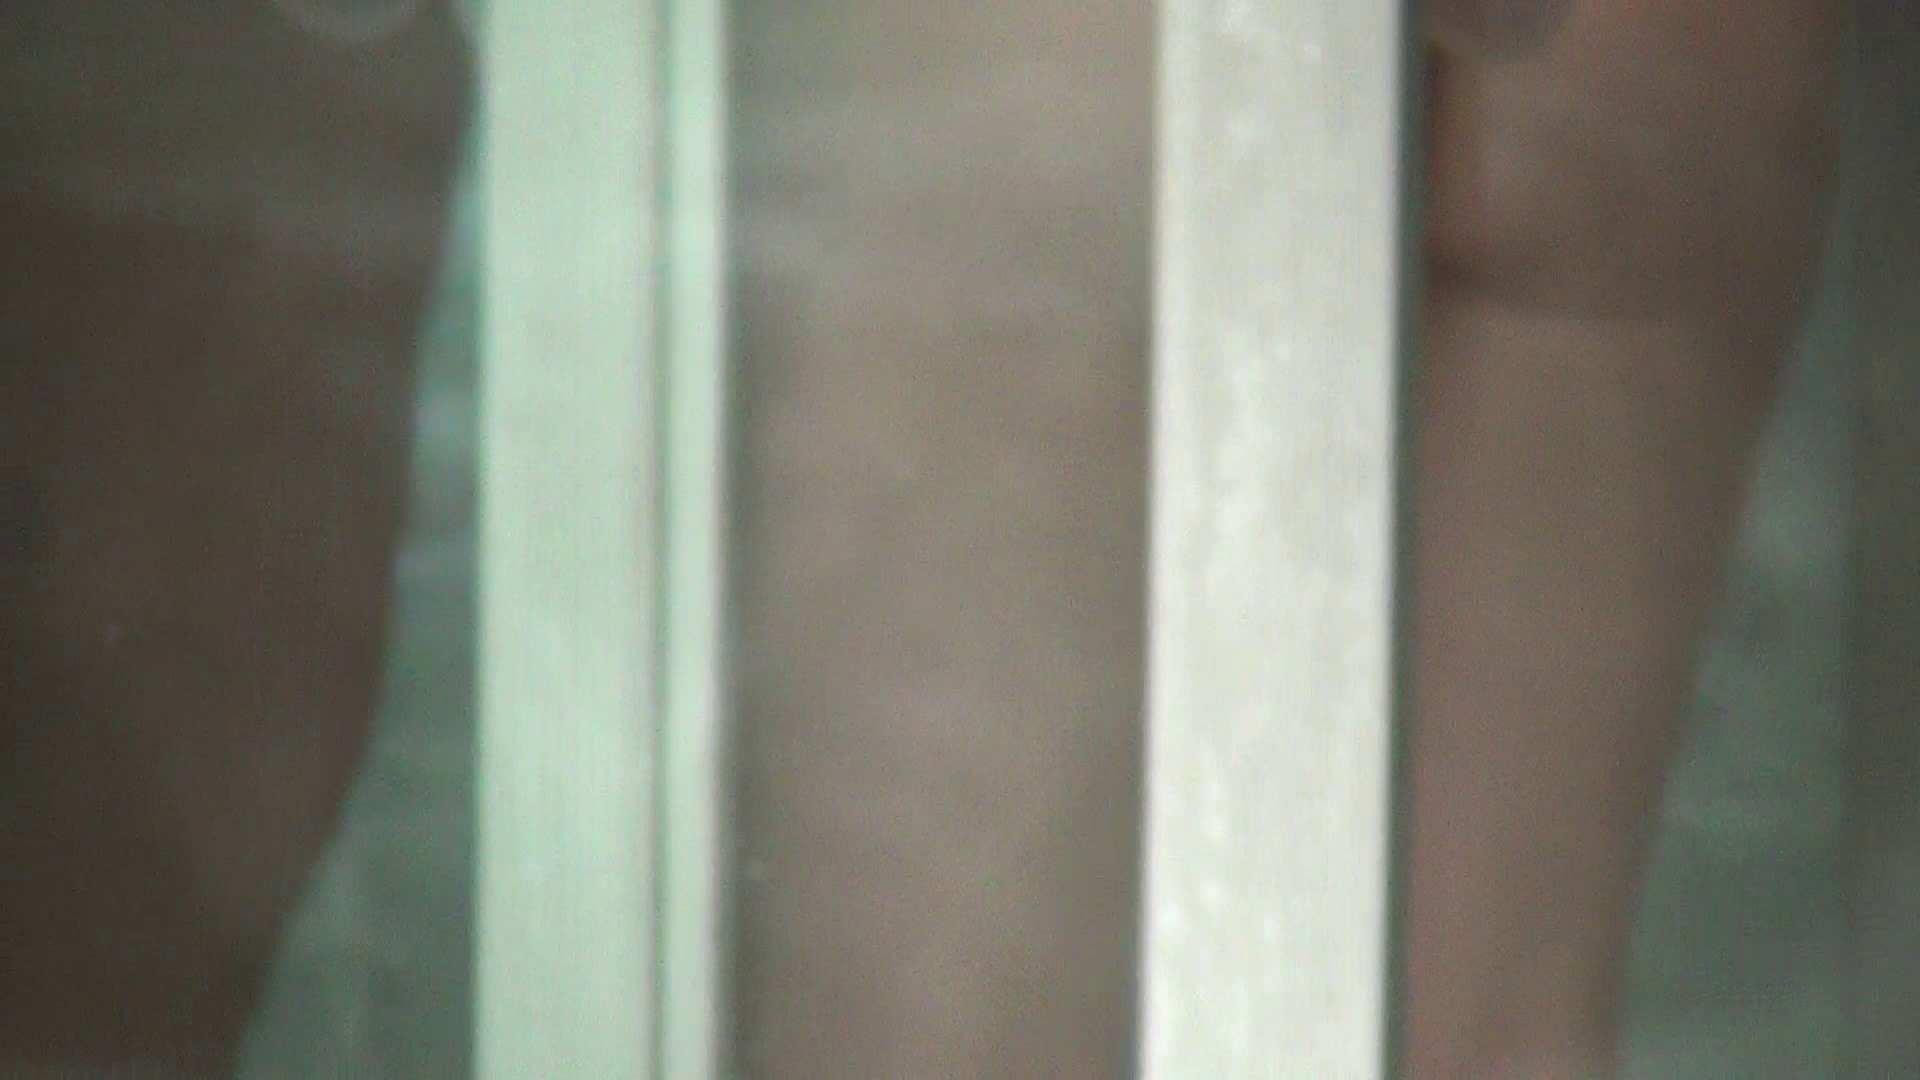 Aquaな露天風呂Vol.262 盗撮 盗撮動画紹介 78画像 23